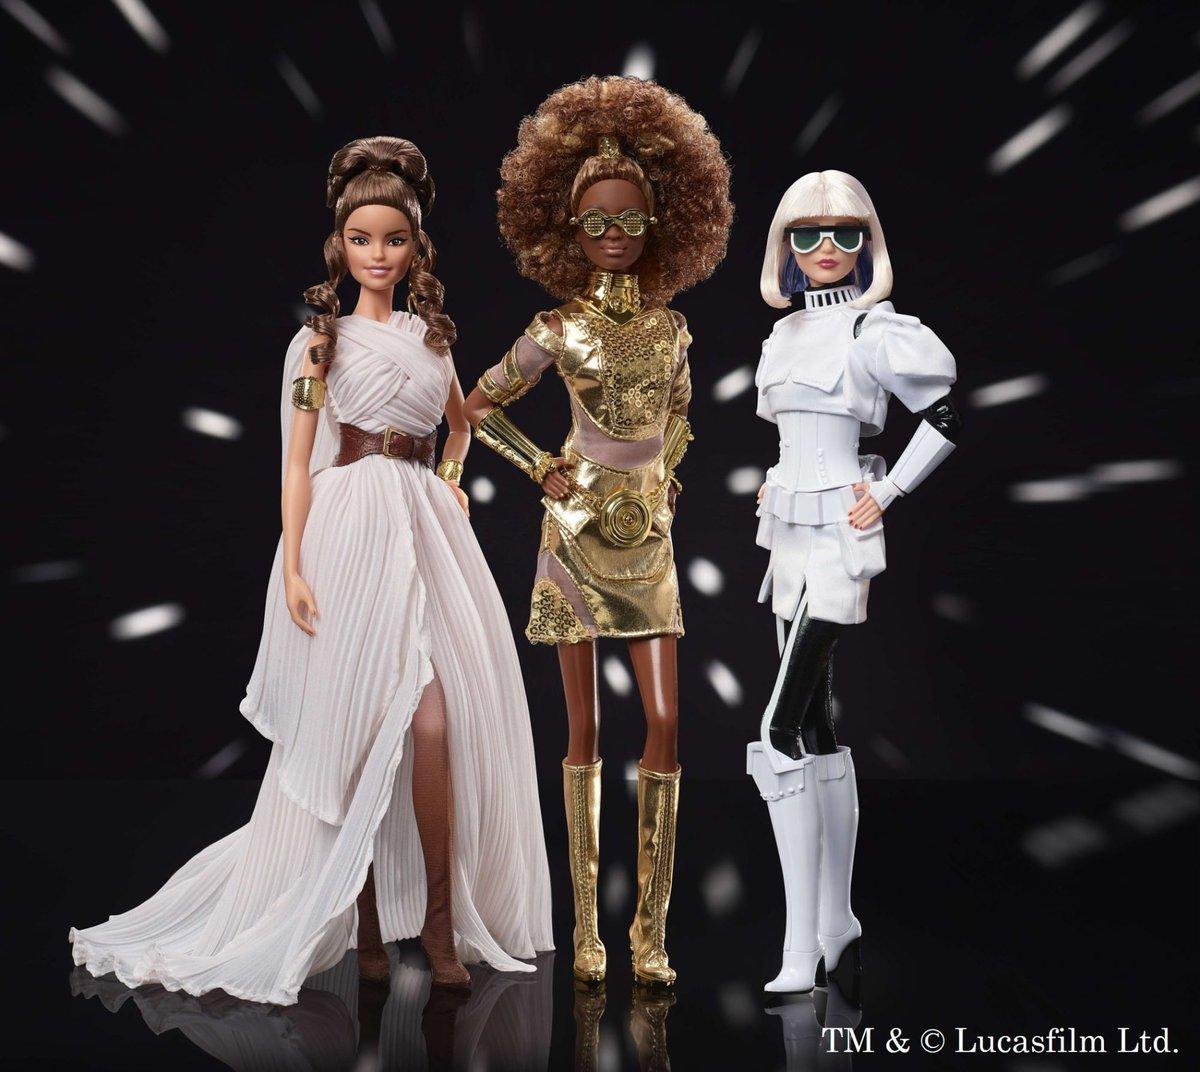 スター・ウォーズ×バービー、C-3POやストームトルーパーを衣装で再現